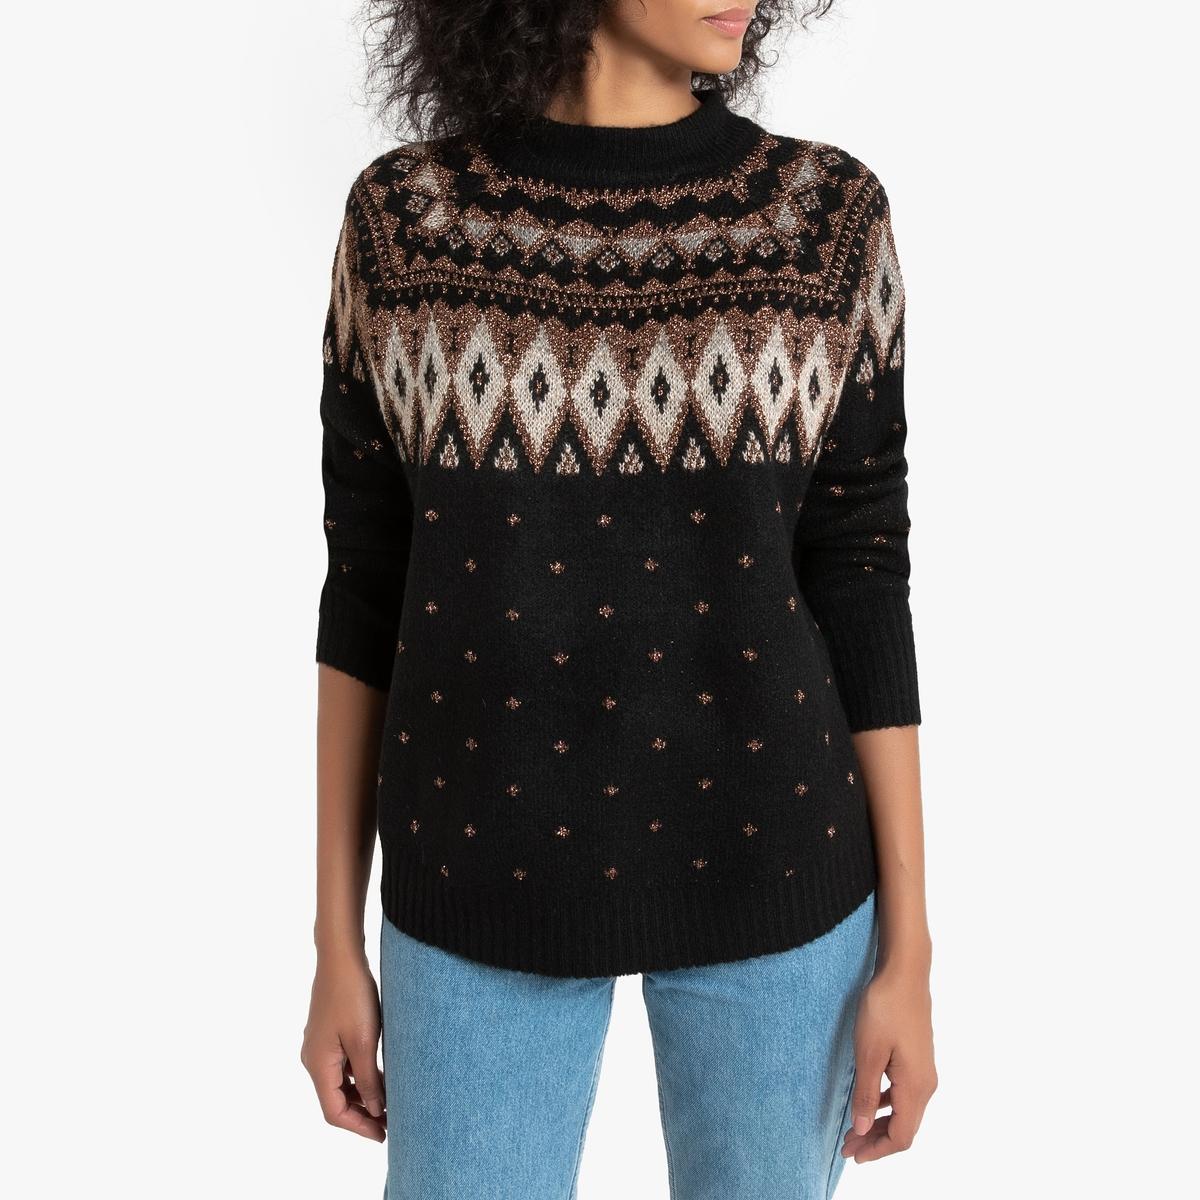 Пуловер La Redoute С длинными рукавами круглым вырезом и жаккардовым рисунком M черный блузка с круглым вырезом графическим рисунком и длинными рукавами